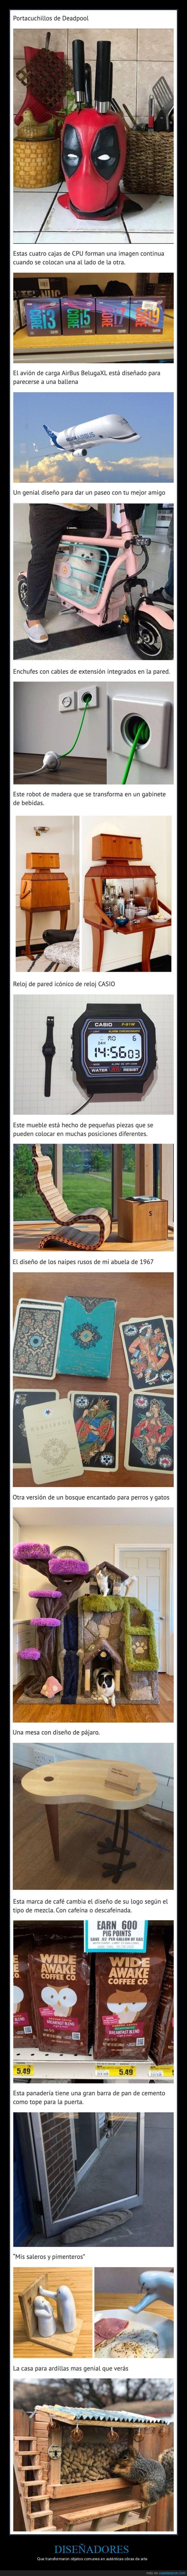 creatividad,diseñadores,imaginación